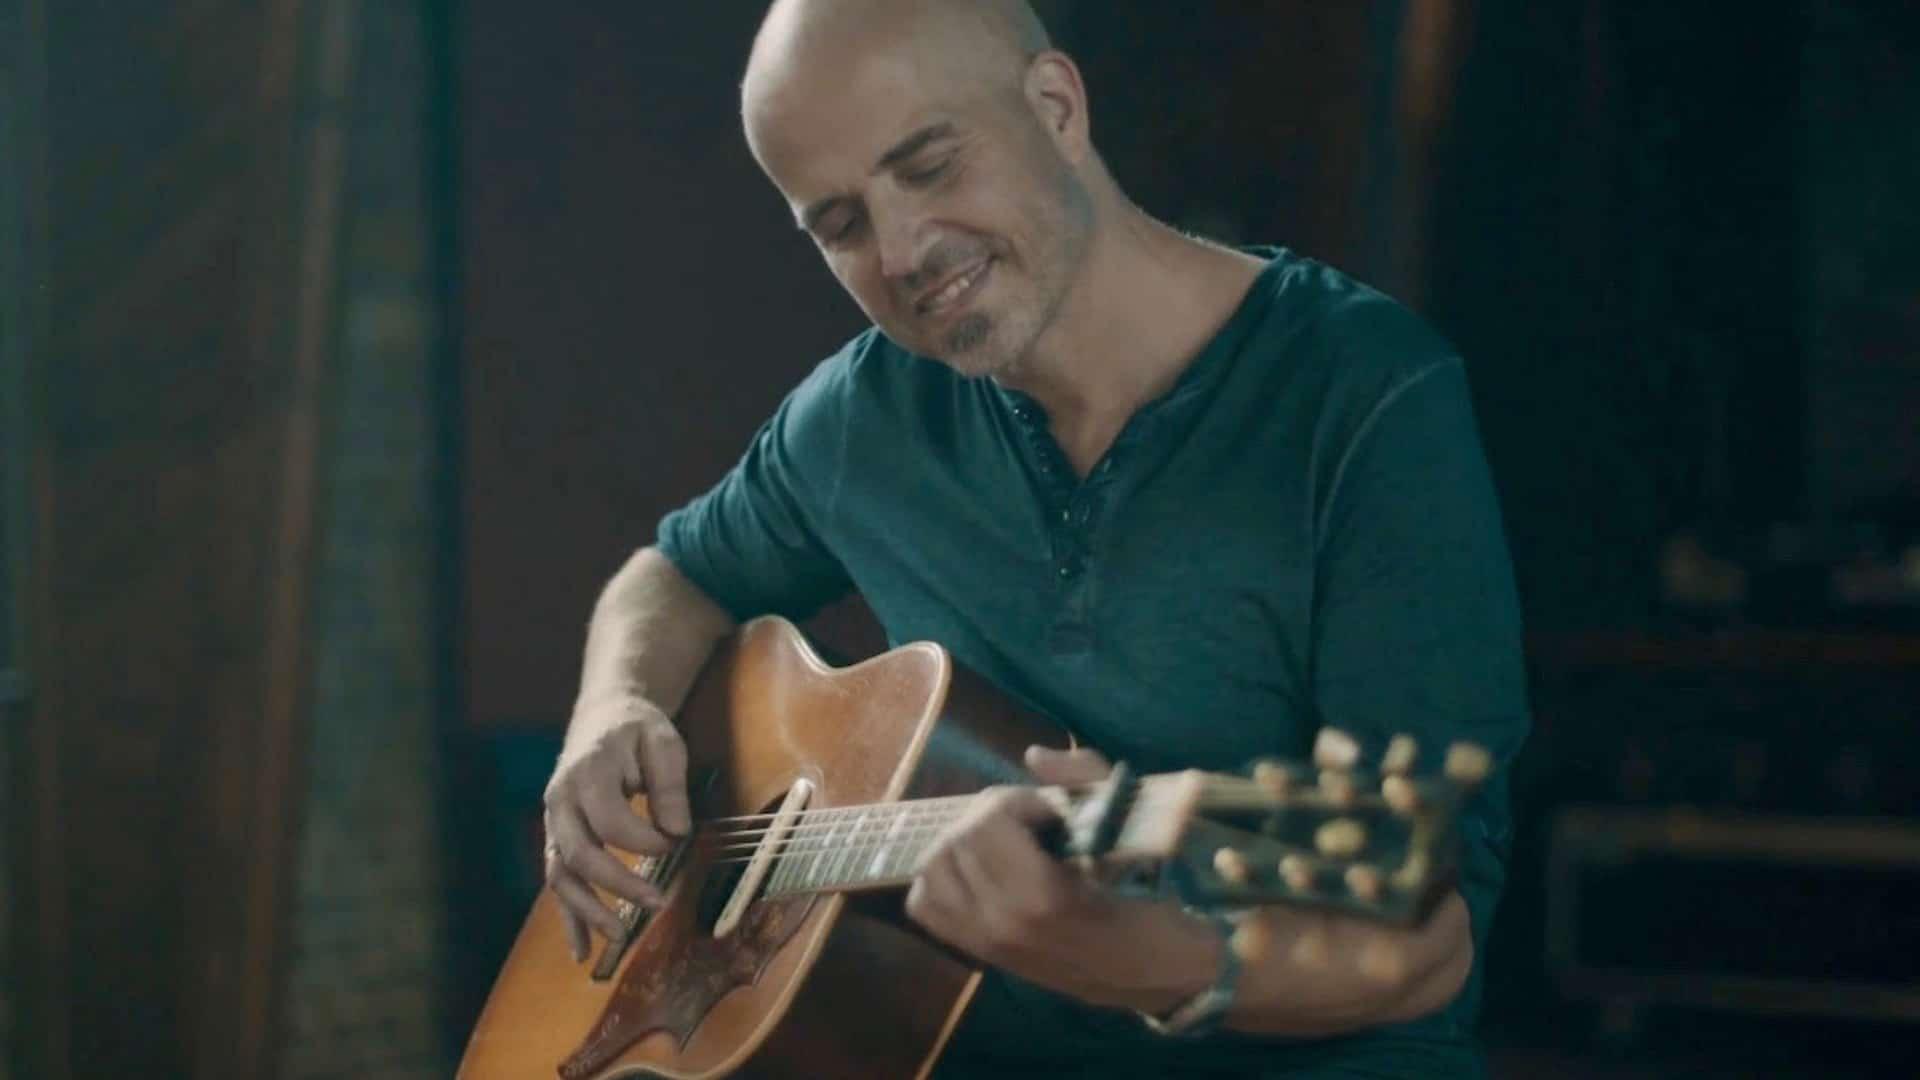 Lothar Kosse, Gitarrist, Sänger, Songwriter und Produzent